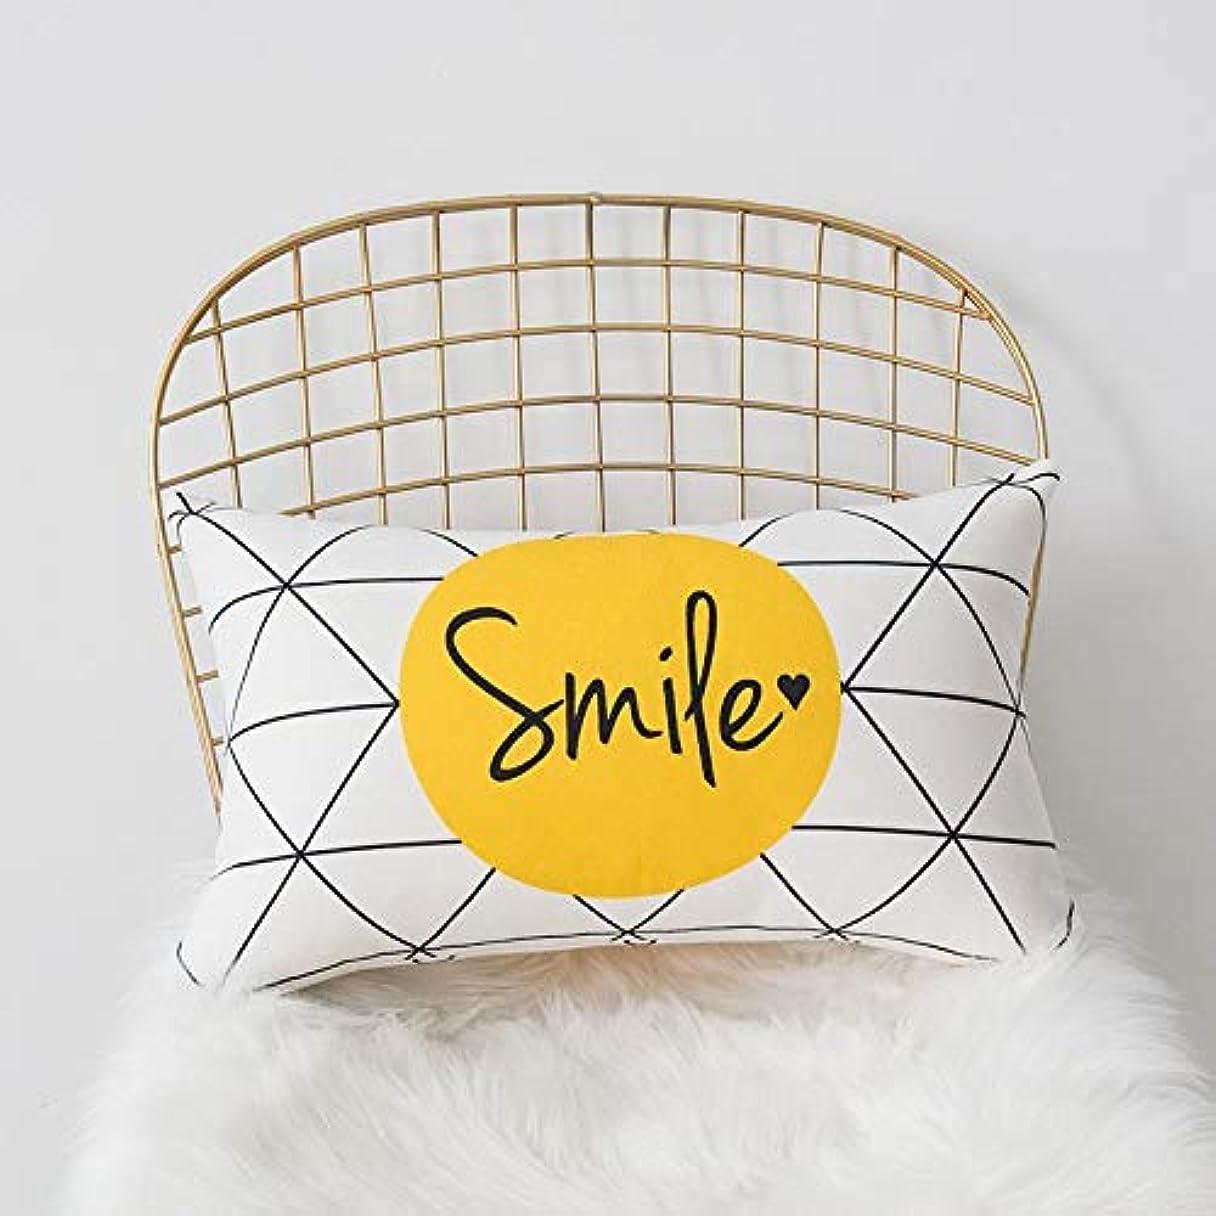 アイスクリームママコインSMART 黄色グレー枕北欧スタイル黄色ヘラジカ幾何枕リビングルームのインテリアソファクッション Cojines 装飾良質 クッション 椅子